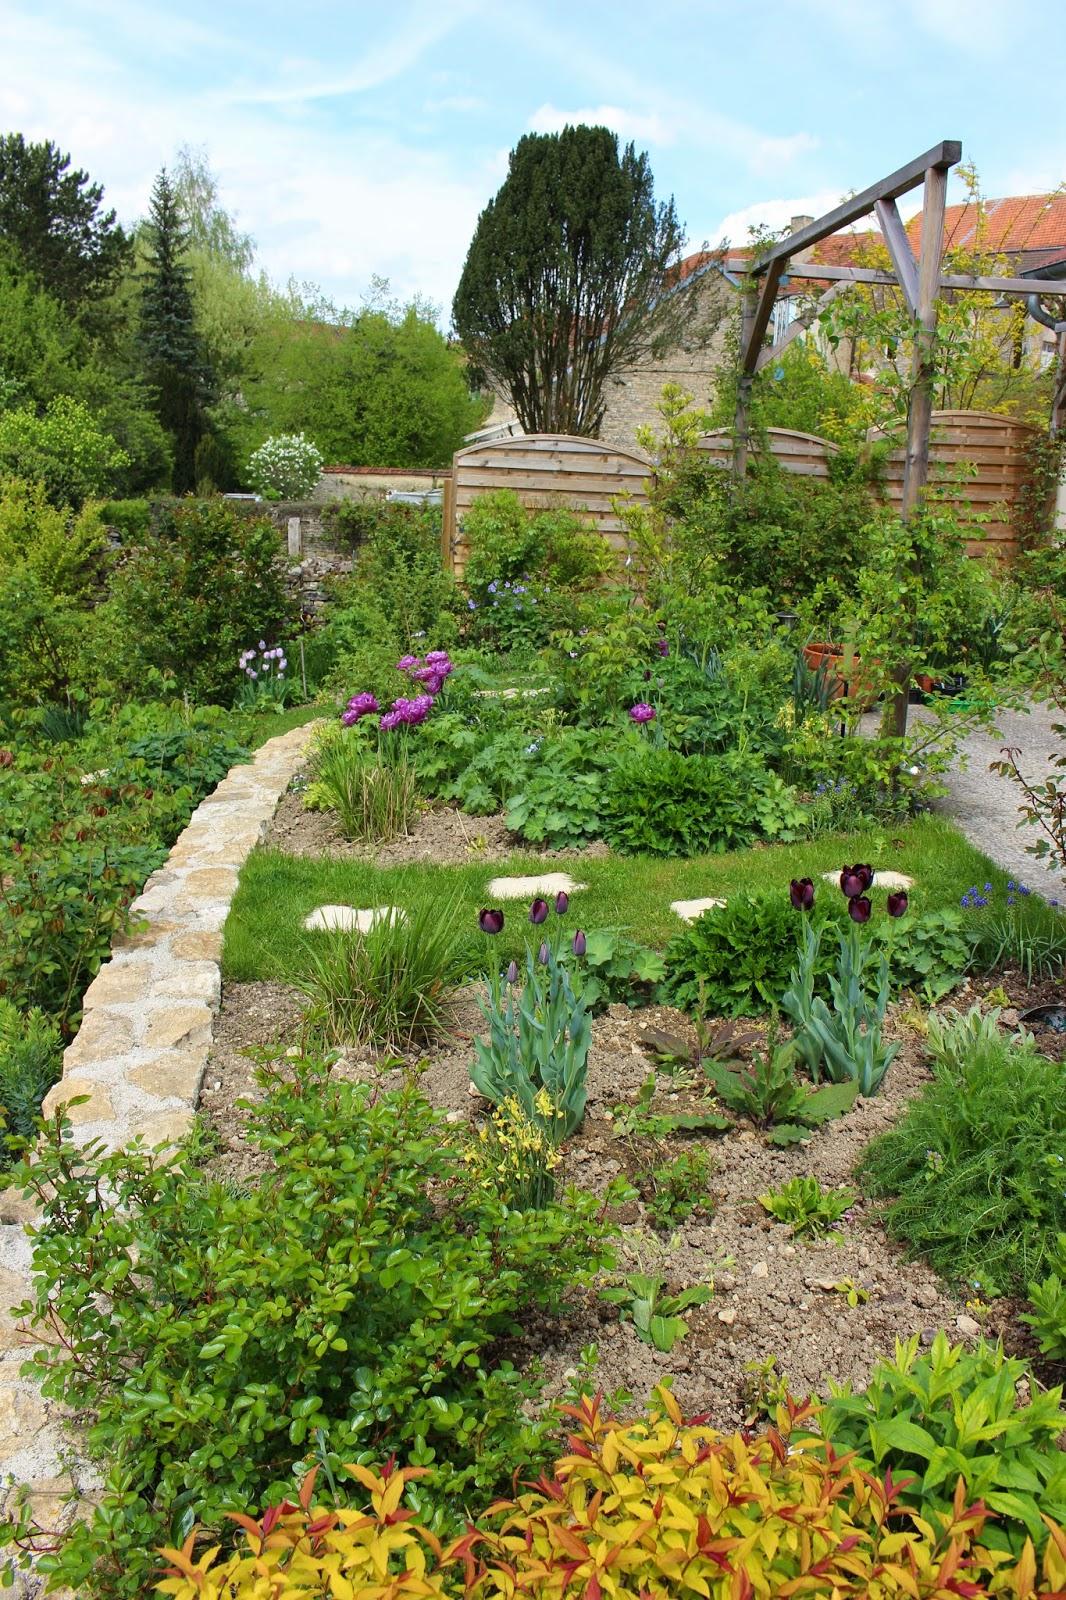 Notre jardin secret avril 2015 for Jardin secret 78